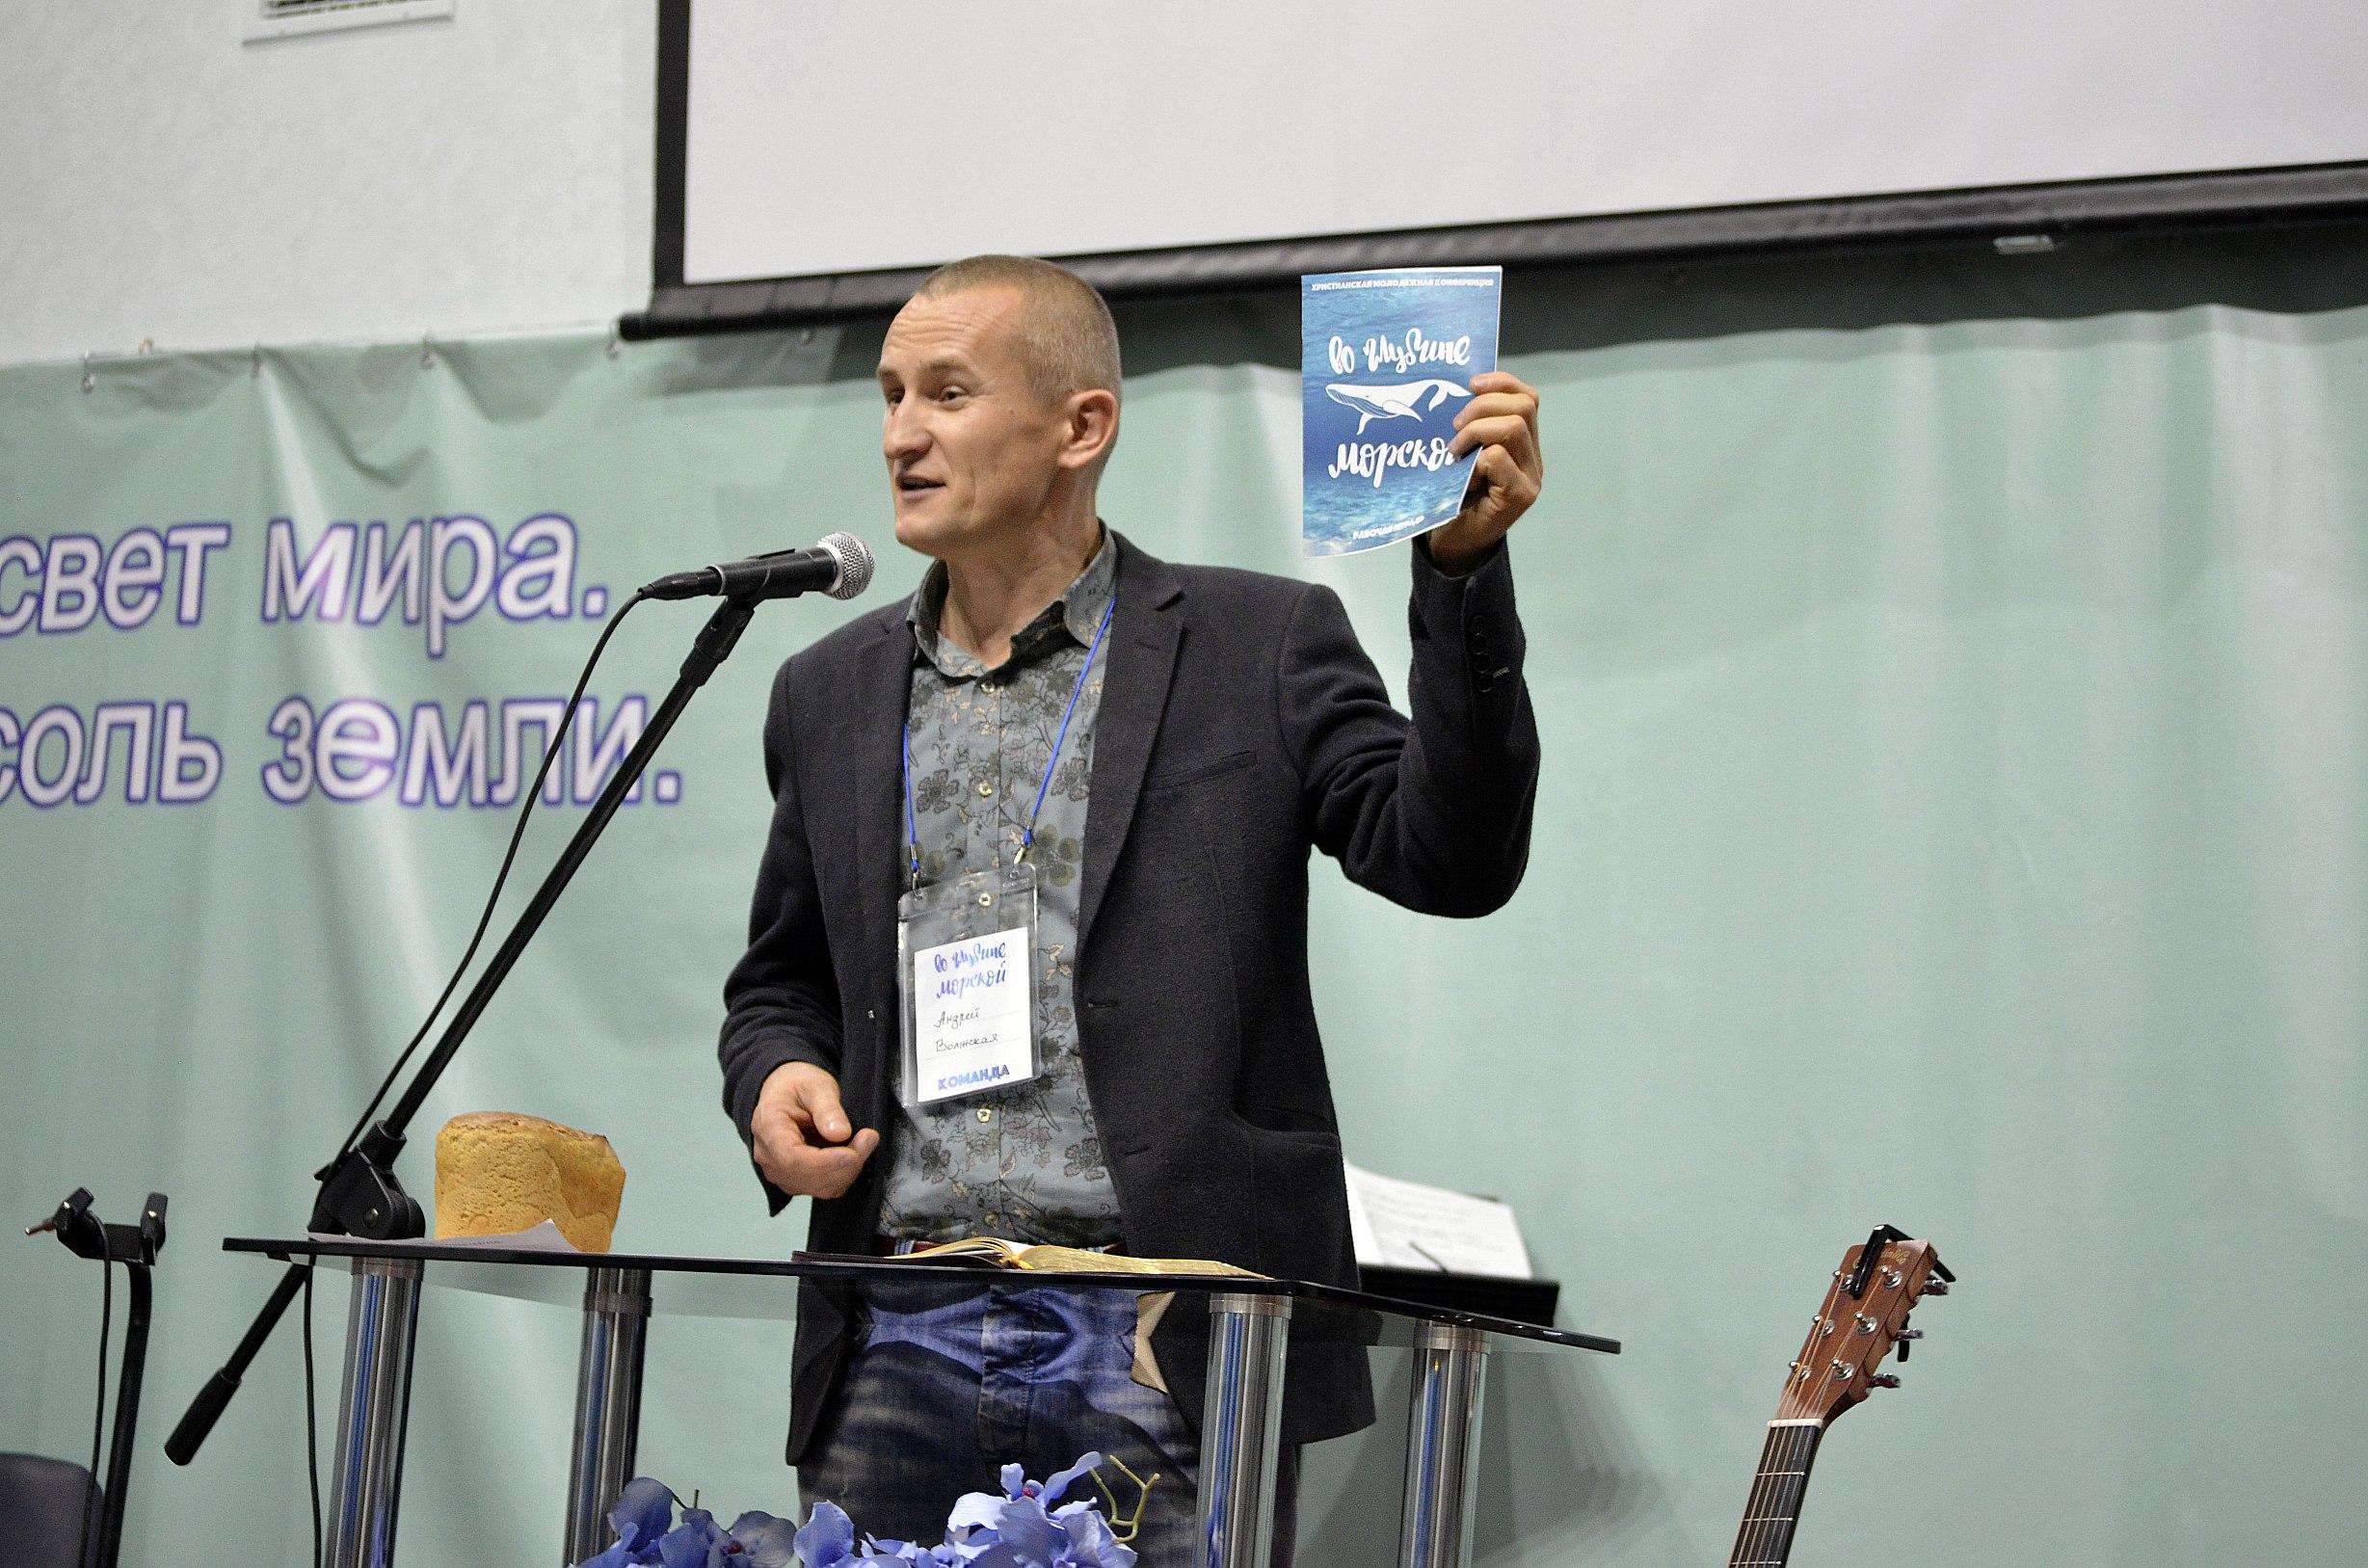 Проповедник Андрей Журавлёв